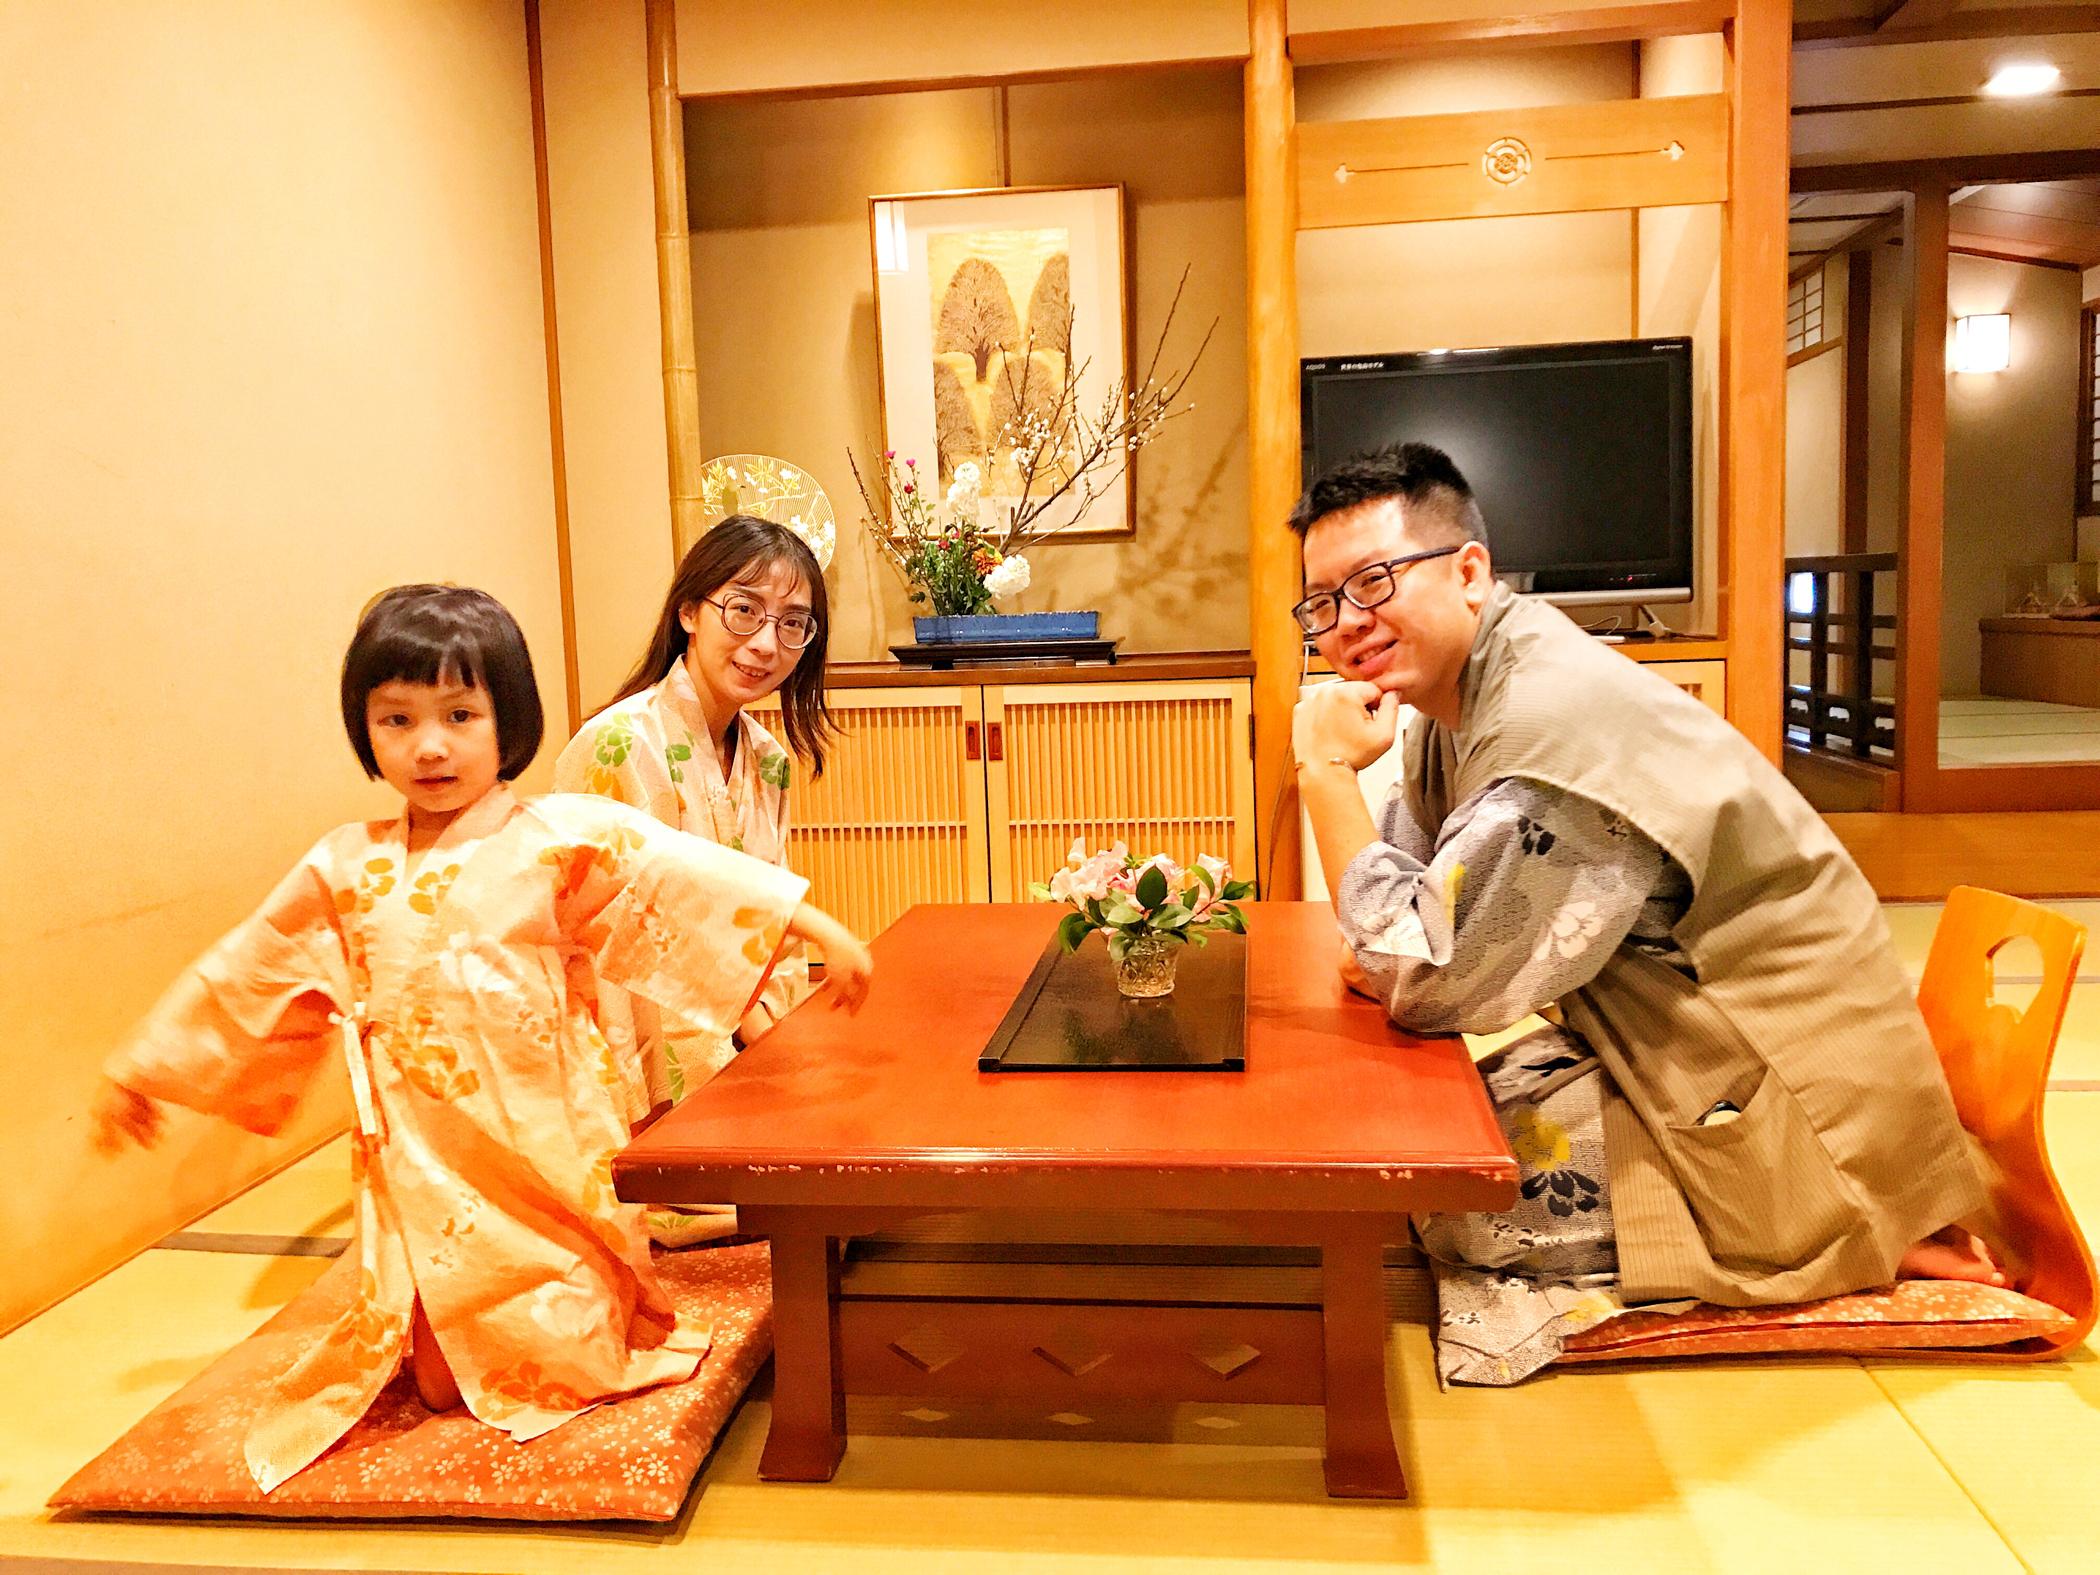 意外惊喜的日本关西Family Trip